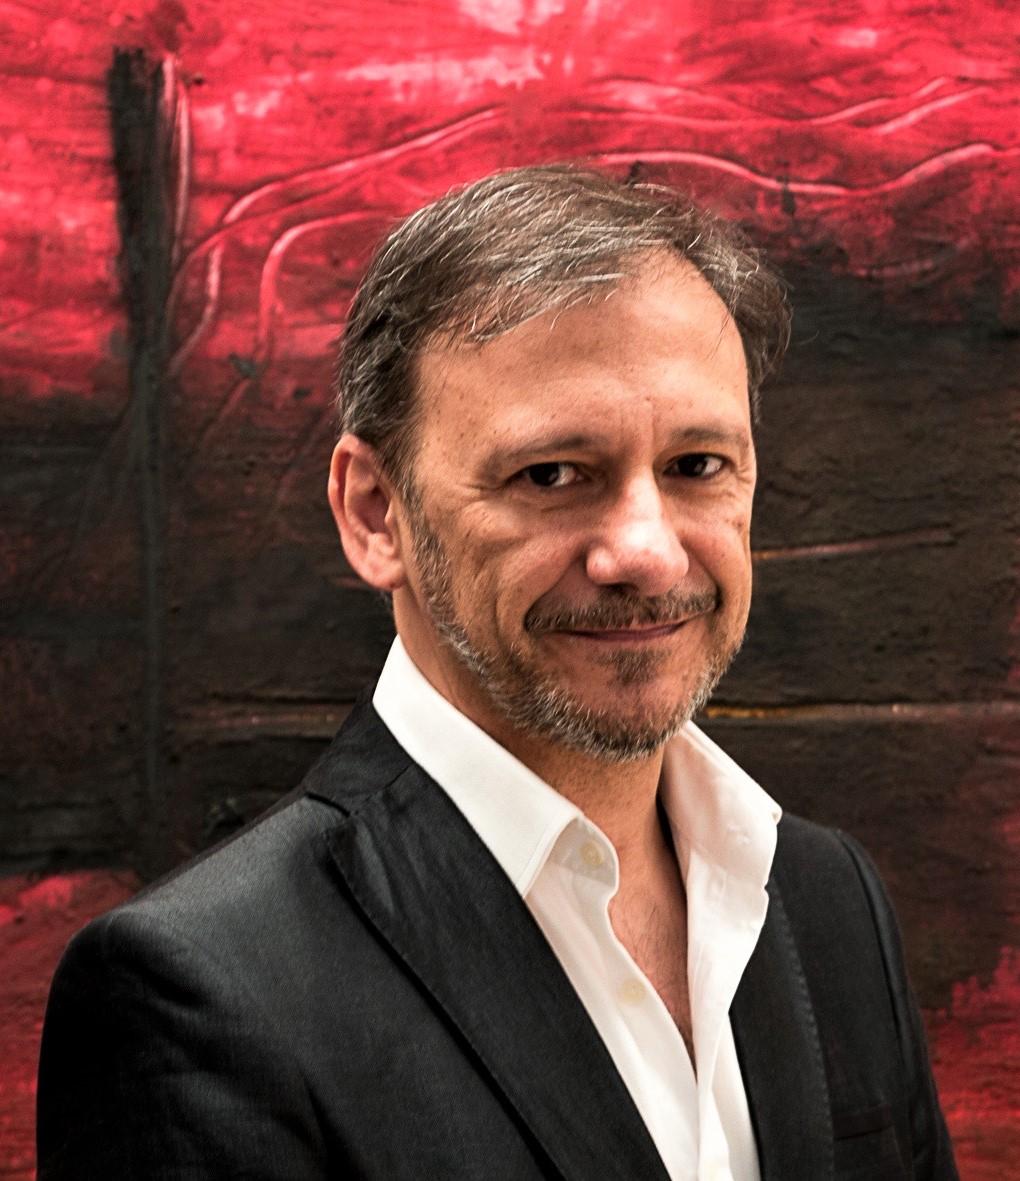 Jorge de Juan actor con amplia filmografía, es también dramaturgo y director del Teatro Cervantes de Londres